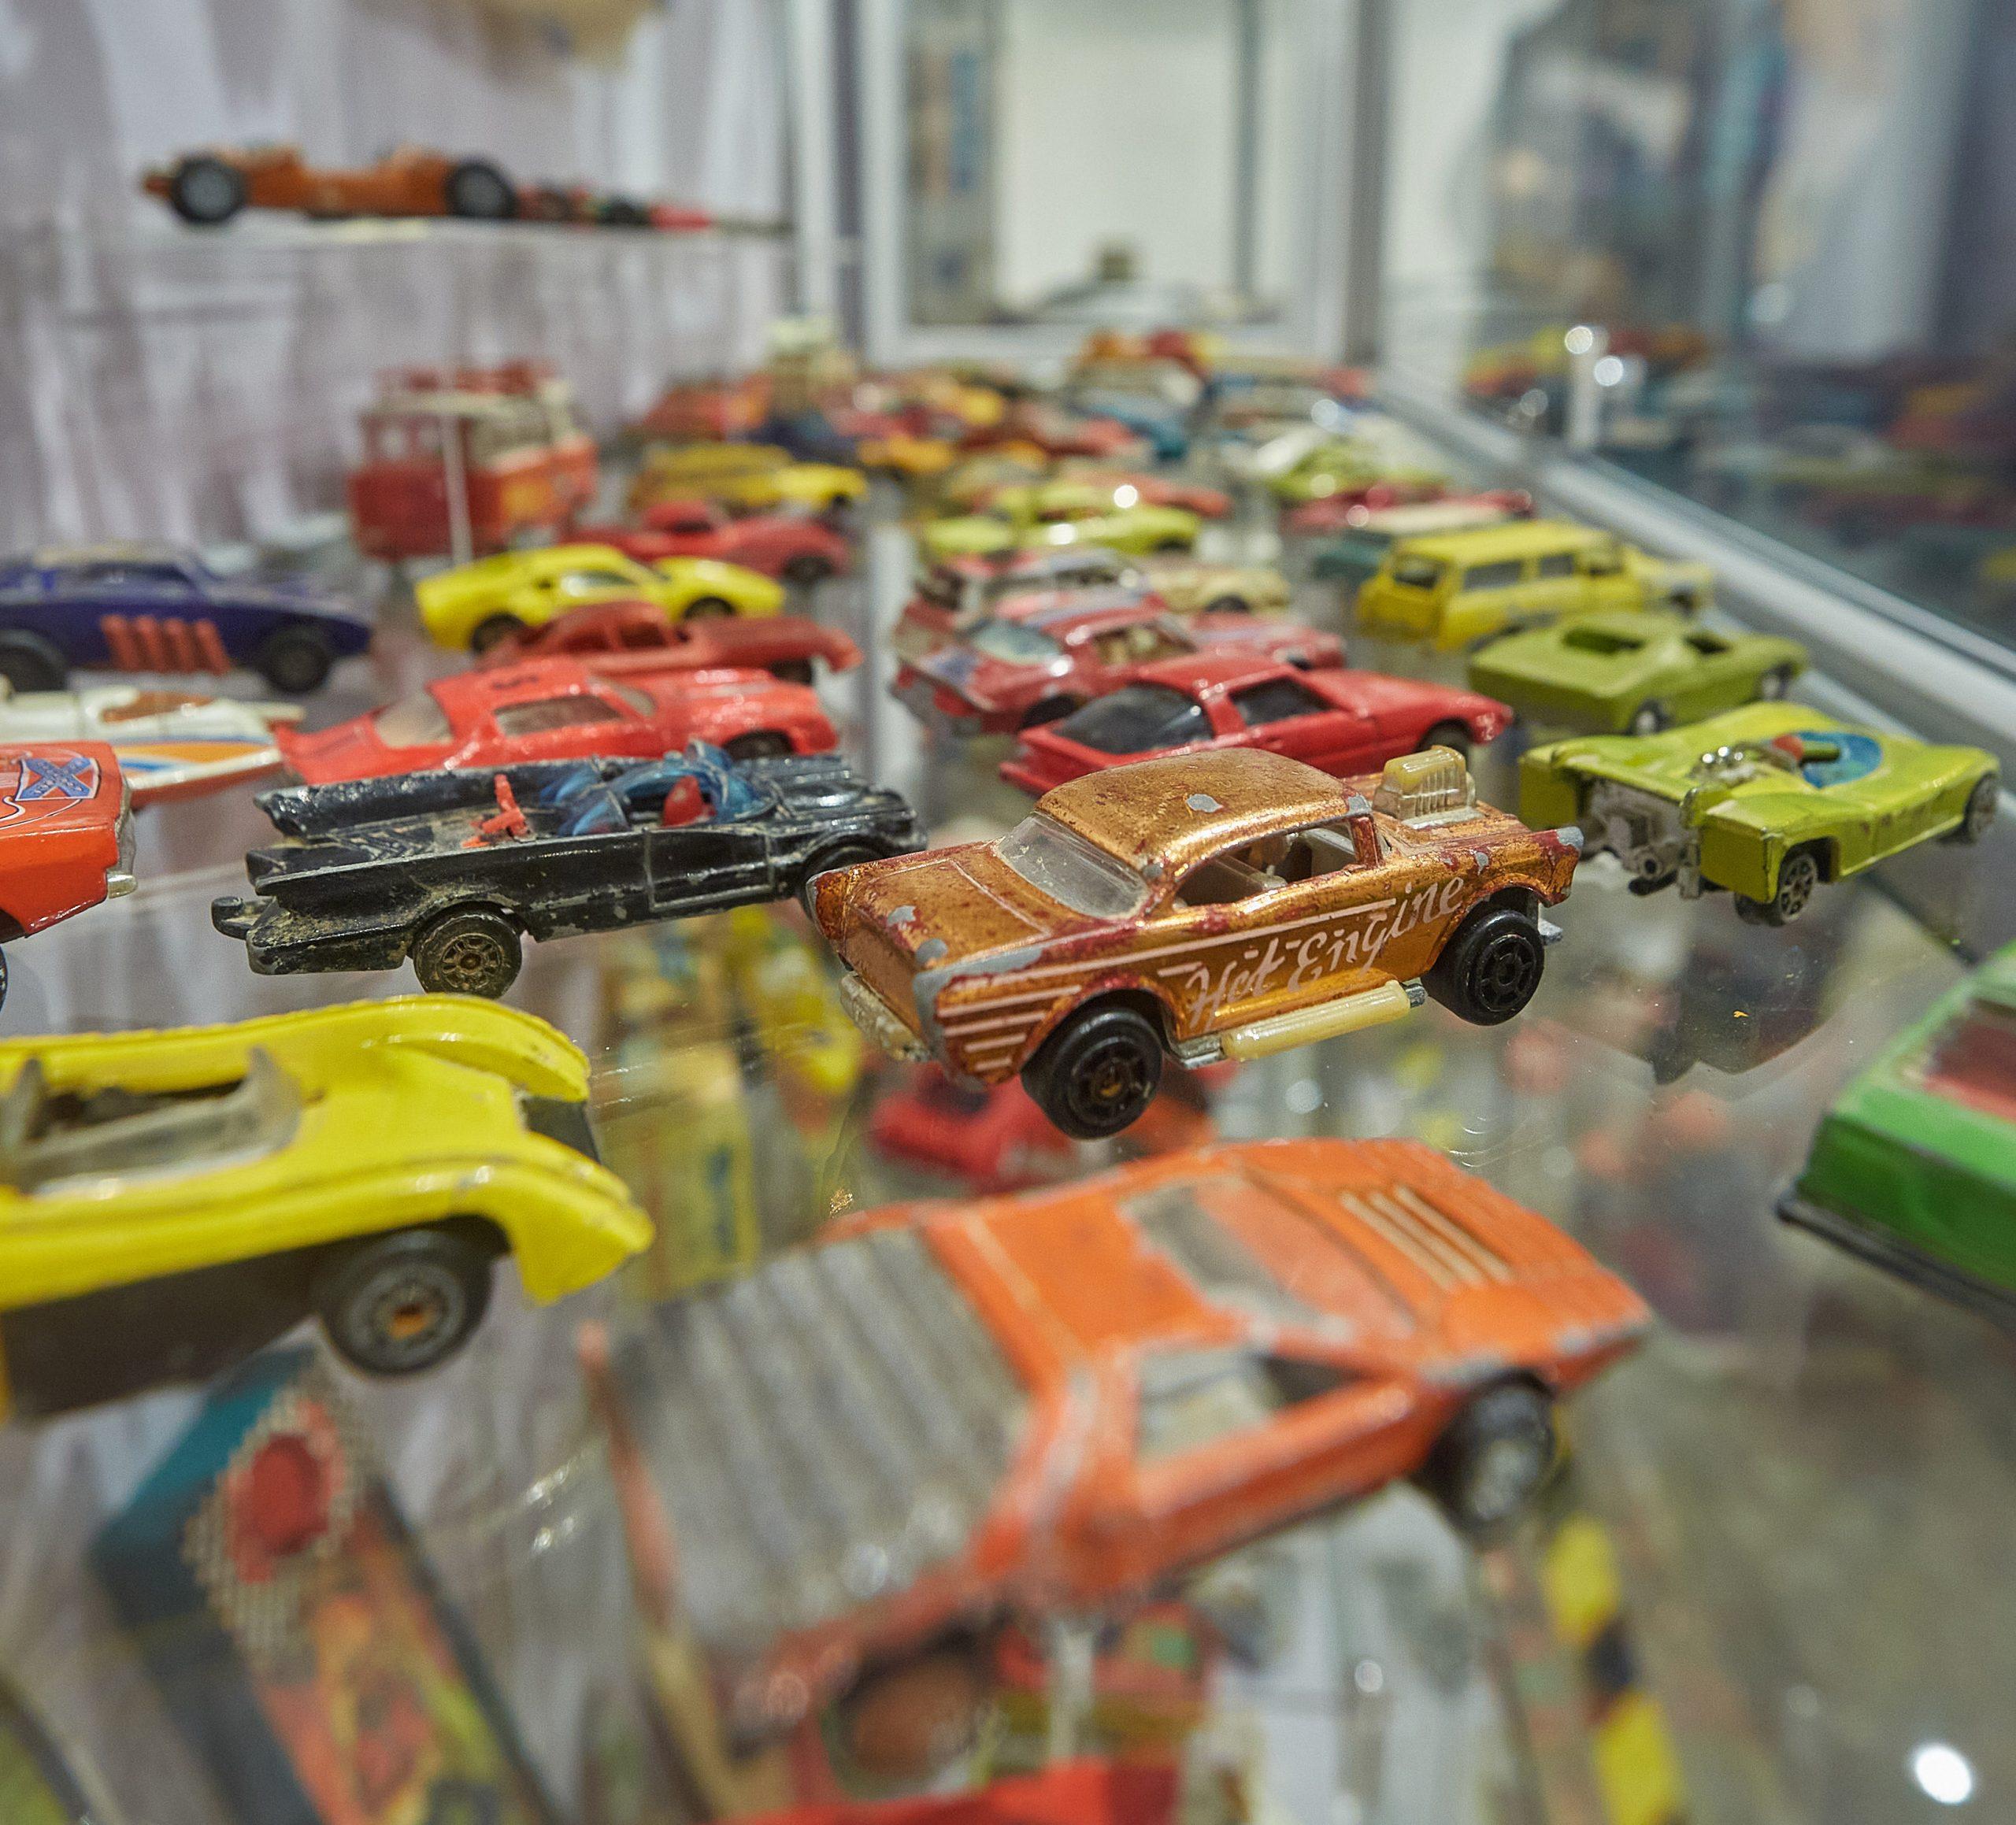 Dinky race cars